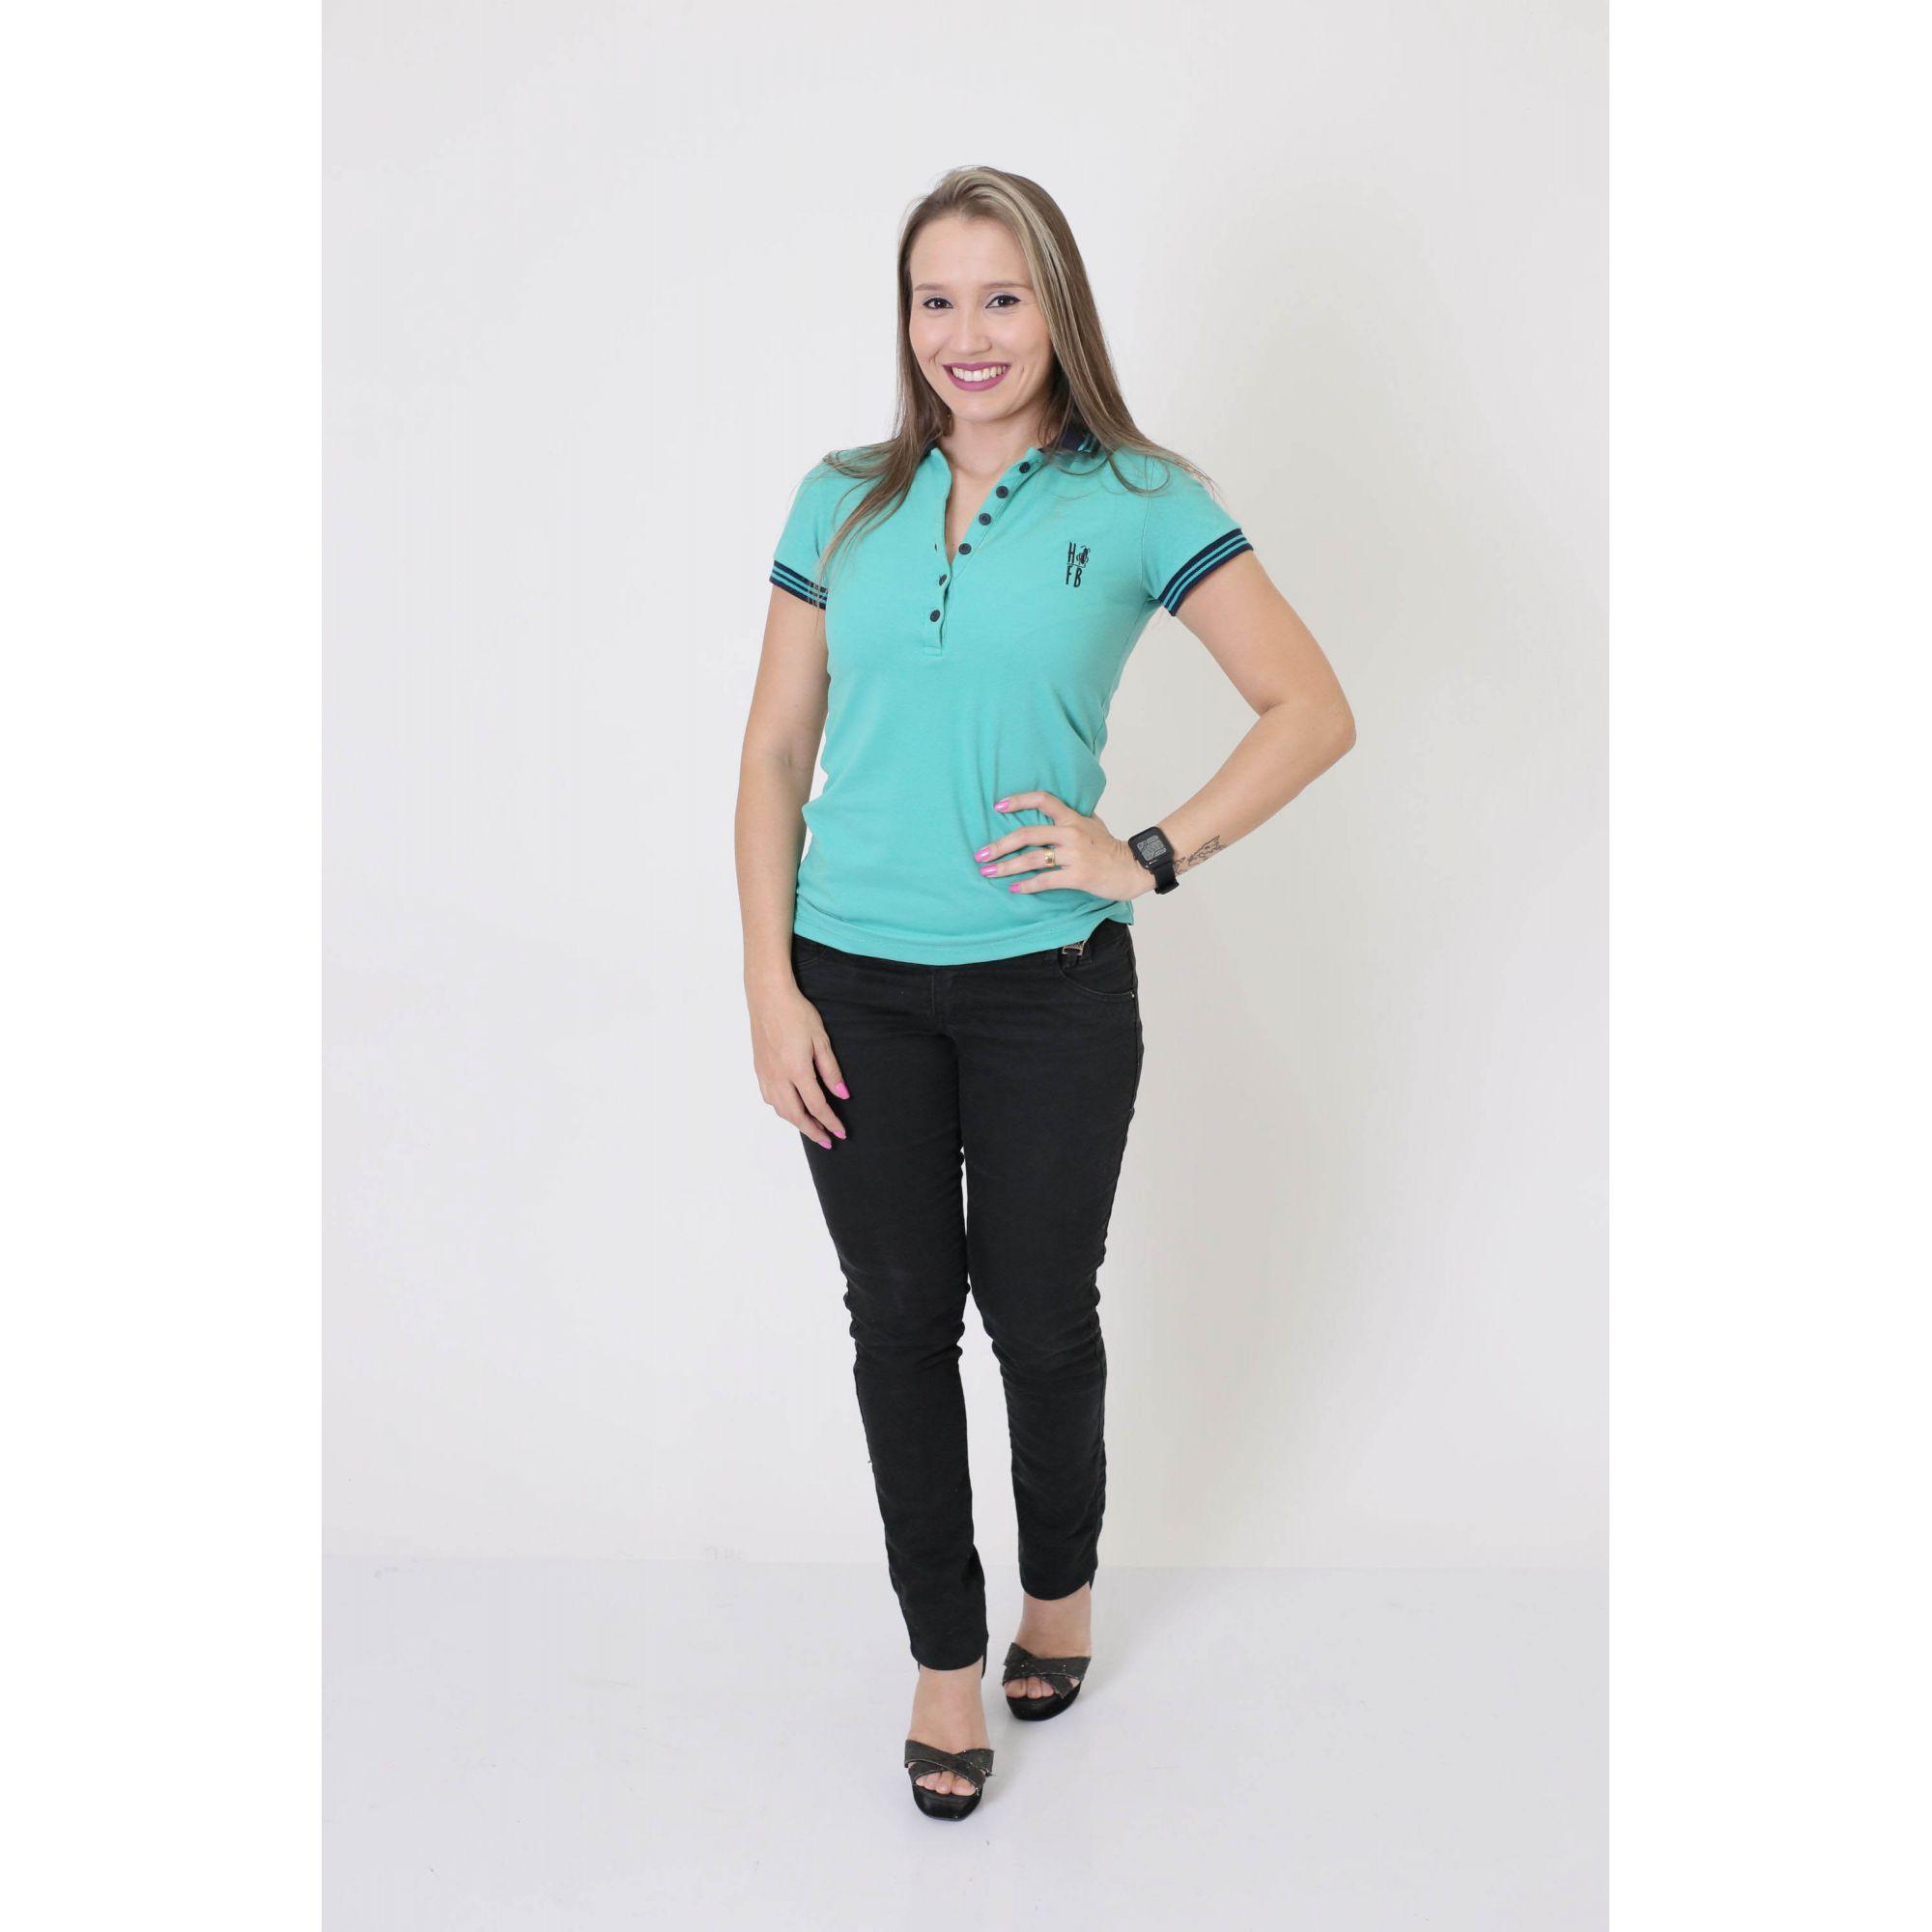 PAIS E PET > Kit 3 peças Camisas Polo + Bandana - Verde Jade [Coleção Família]  - Heitor Fashion Brazil